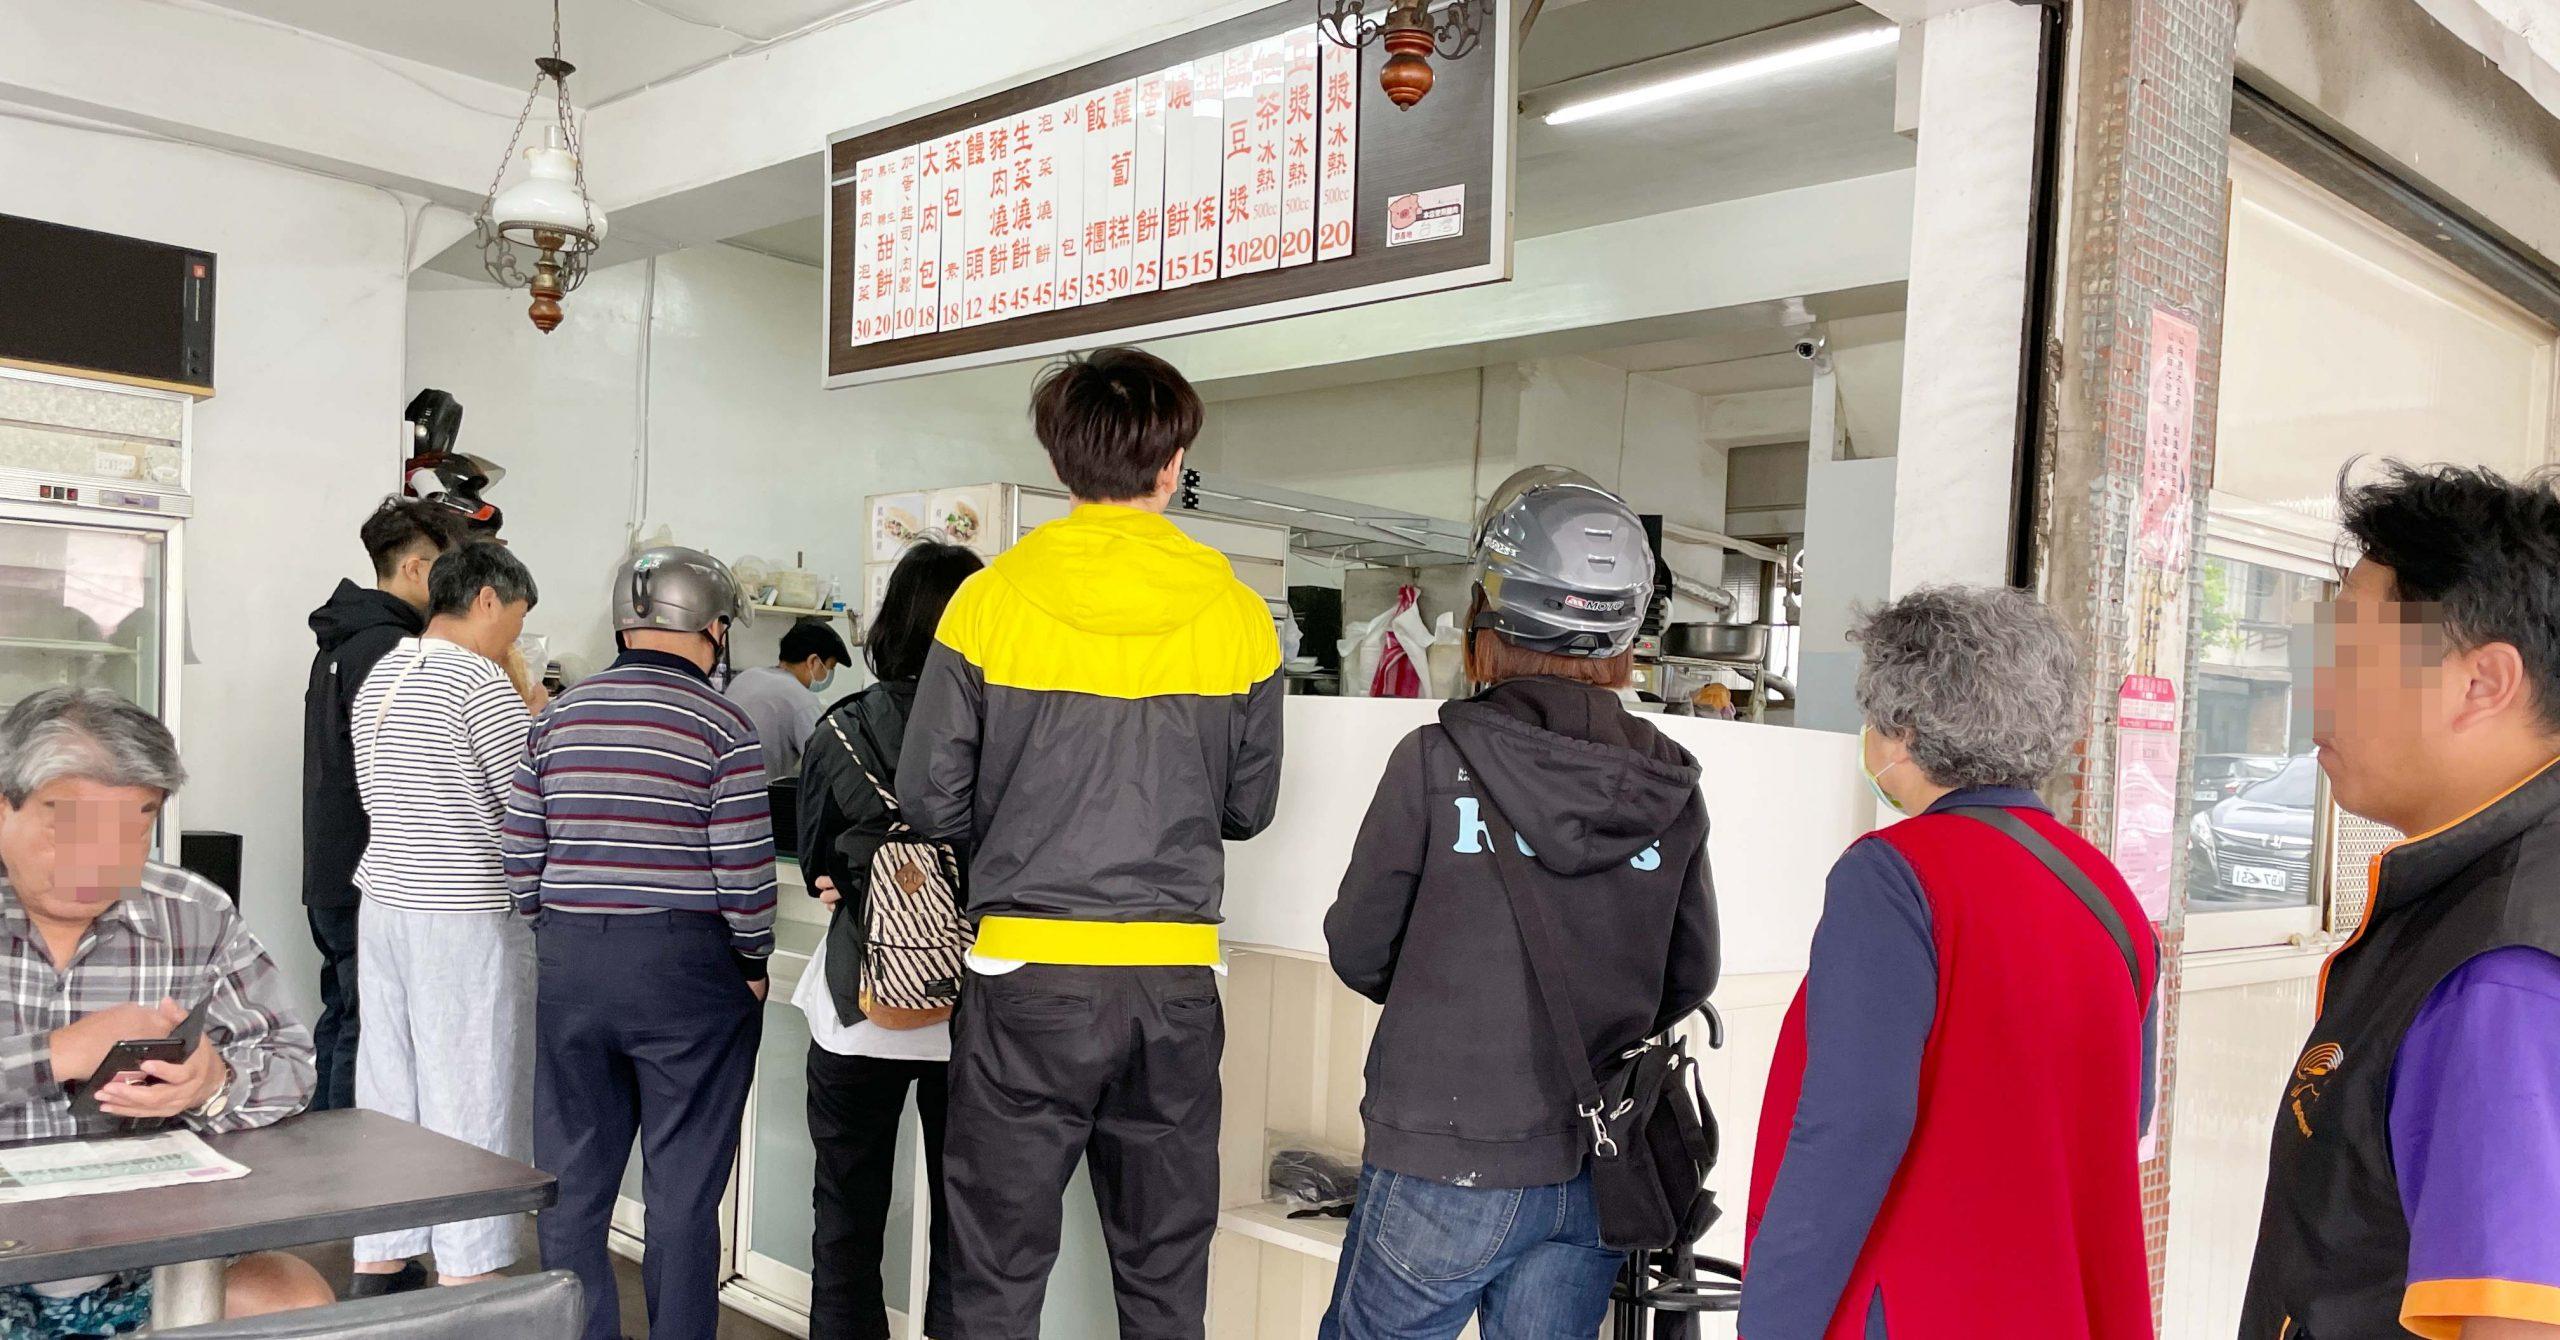 今日熱門文章:【石牌美食】早起鳥早餐店,實在不知道在排什麼